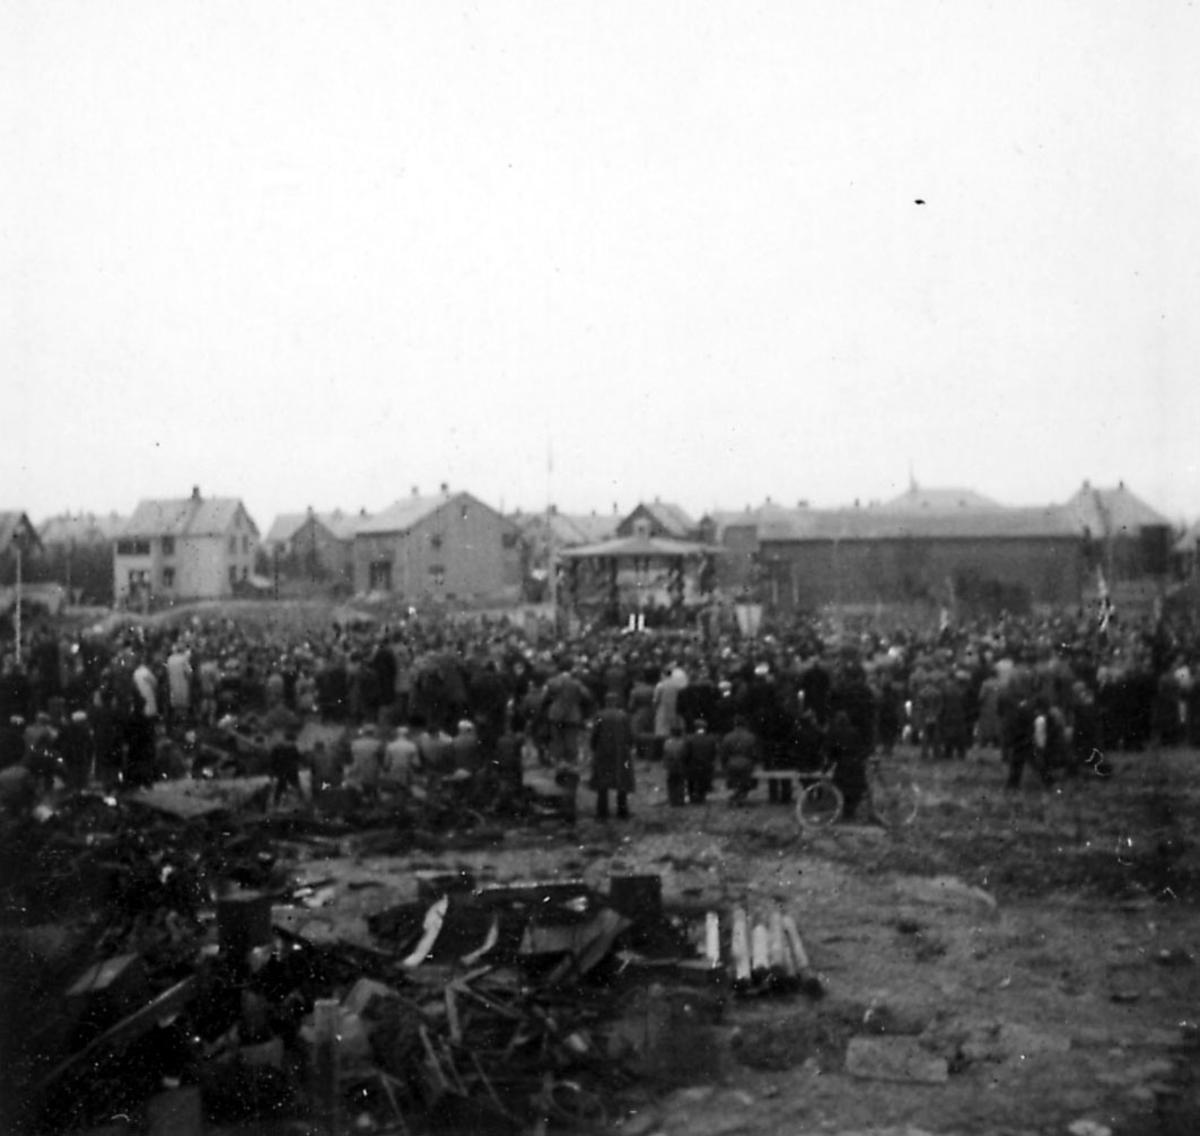 Frigjøringsdagene i Bodø etter krigen 1940 - 1945. Åpen plass med paviljong. Mange personer samlet. Rester etter ødeleggelser i forgrunnen.